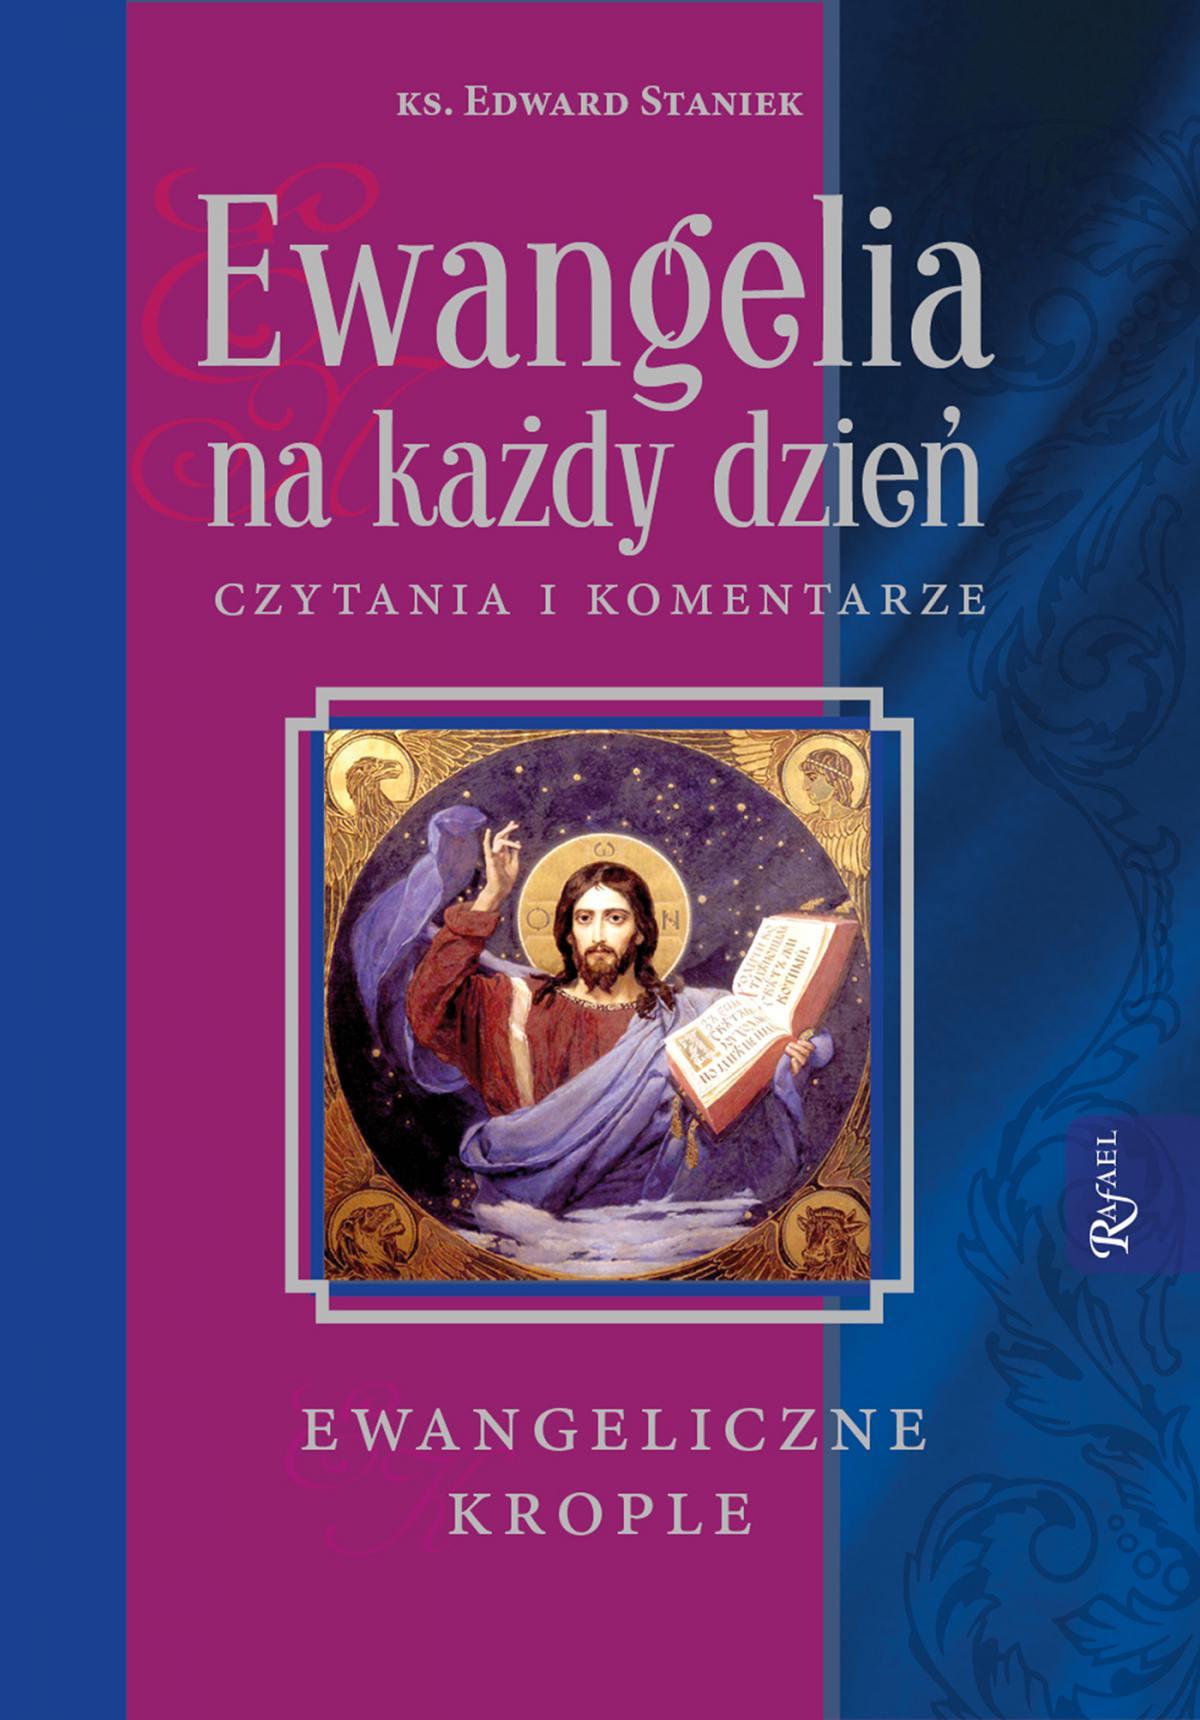 Ewangelia na każdy dzień. Czytania i komentarze - ewangeliczne krople - Ebook (Książka PDF) do pobrania w formacie PDF